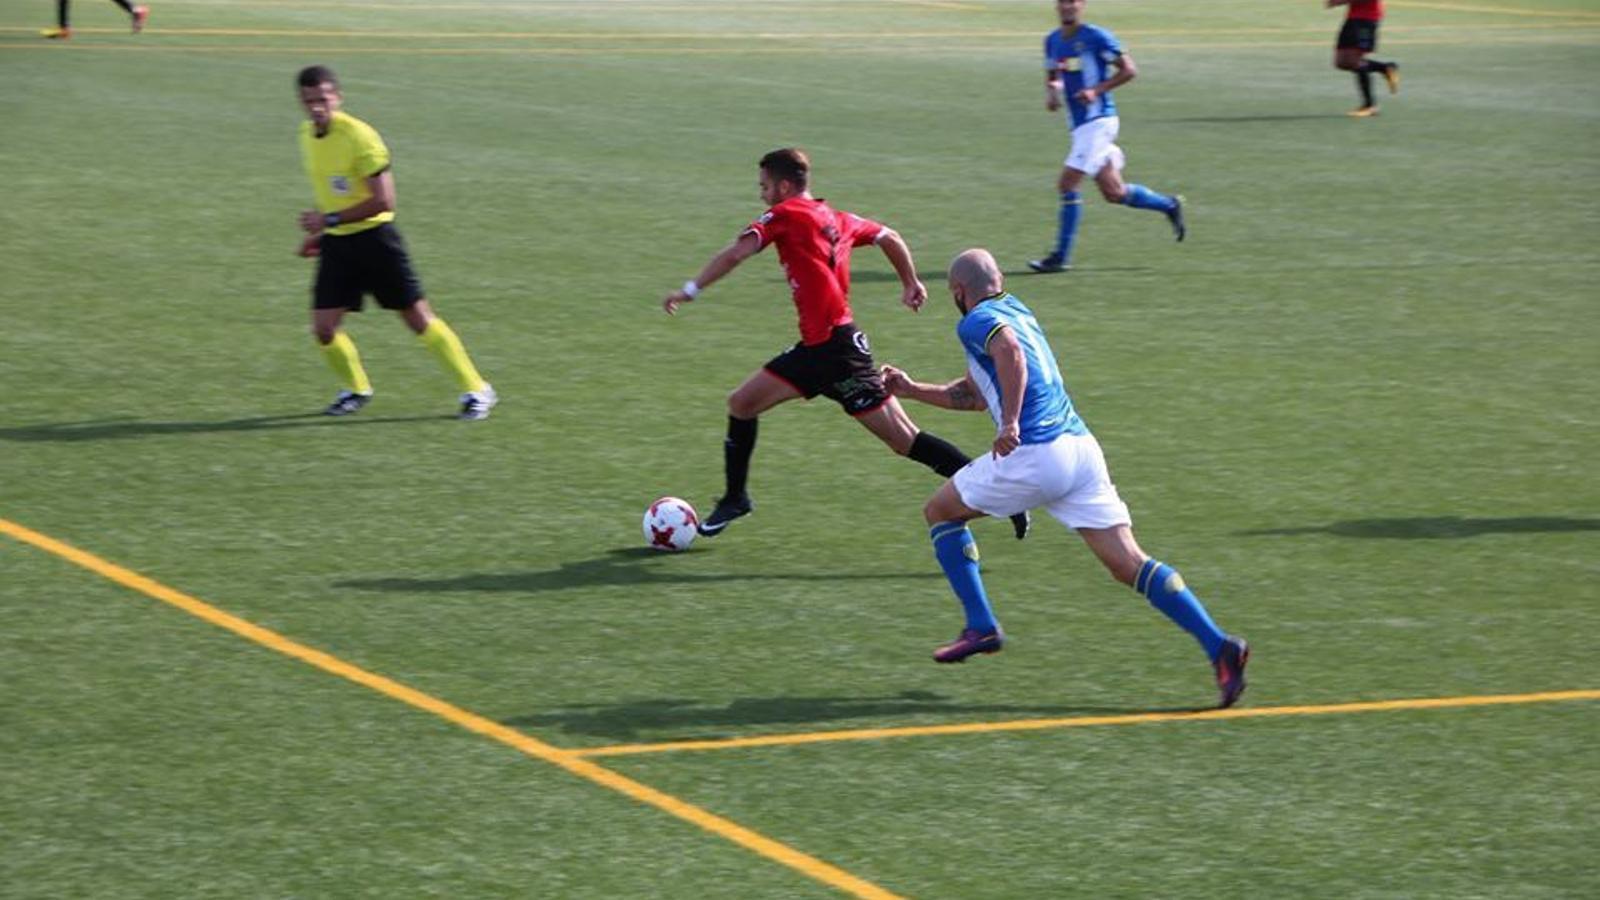 El Formentera s'enfronta aquesta setmana a dos partits importants.